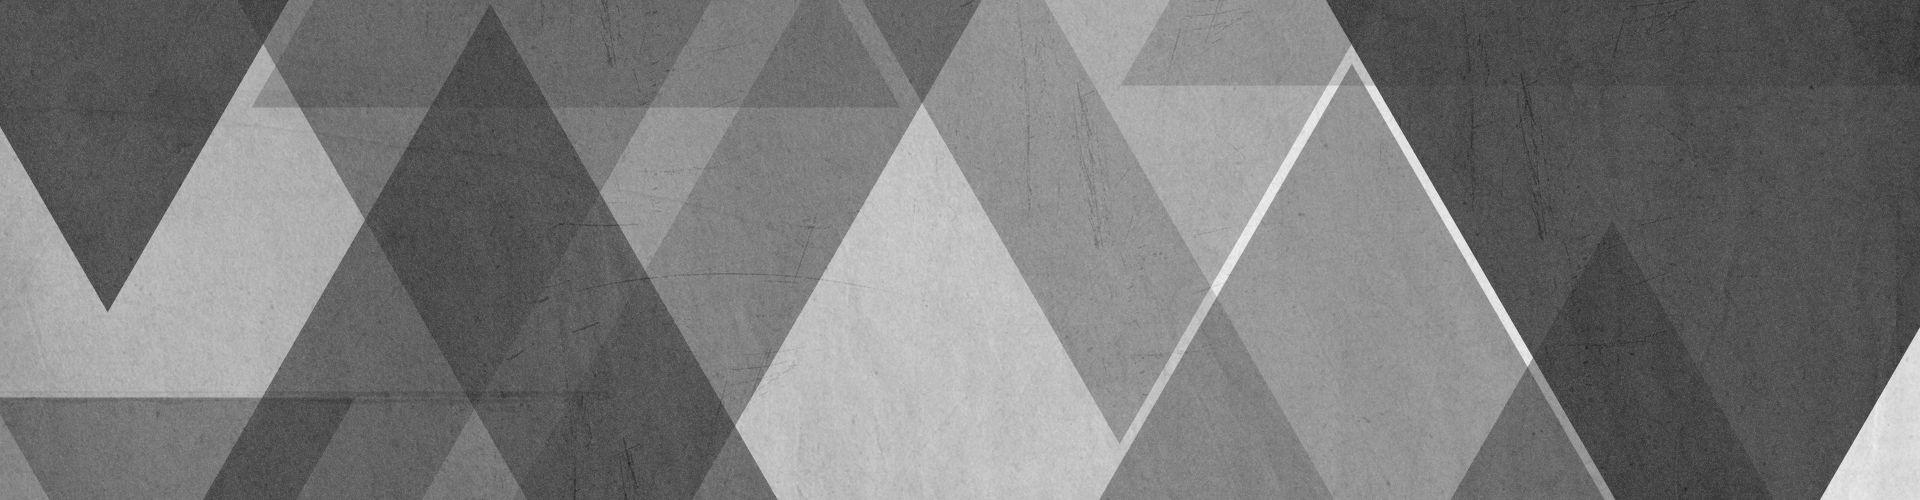 static/img/triangle.jpg